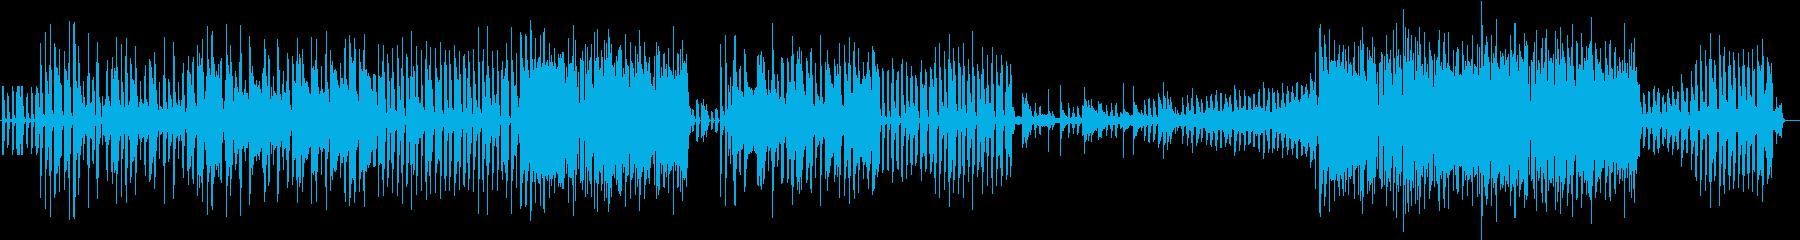 エレクトロとジャズを融合、不思議サウンドの再生済みの波形